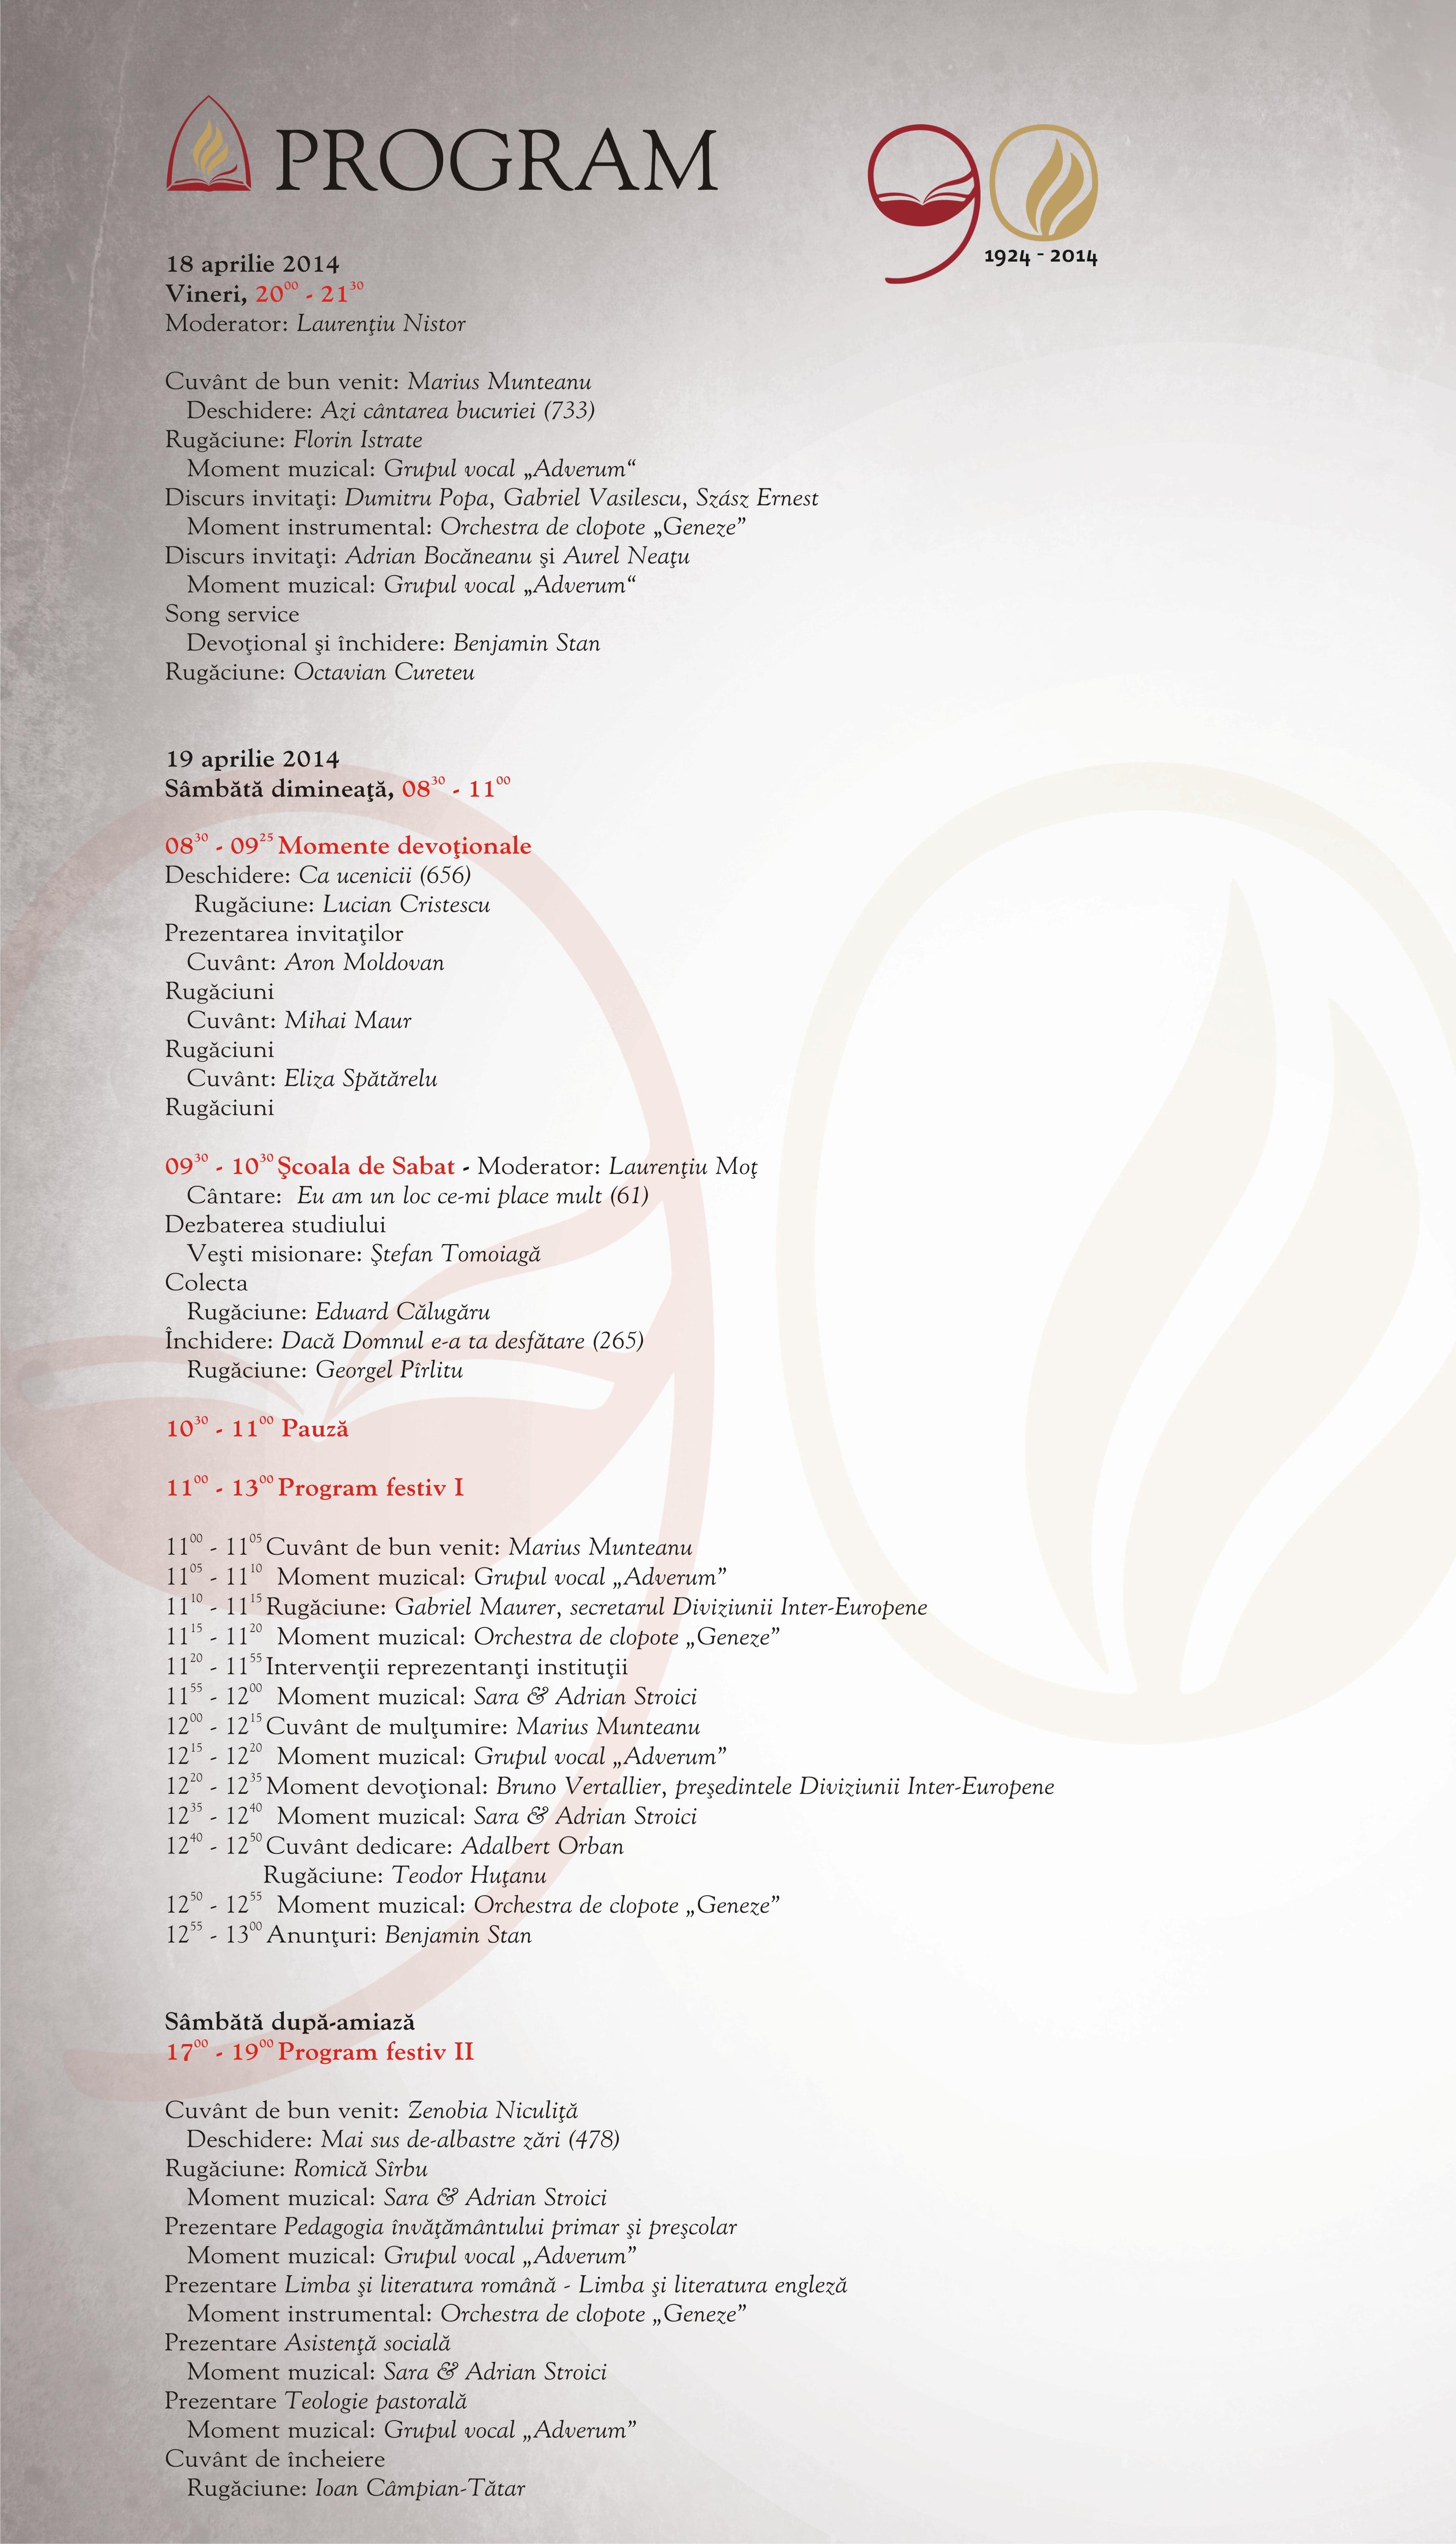 Program ITA 90 A4L 2